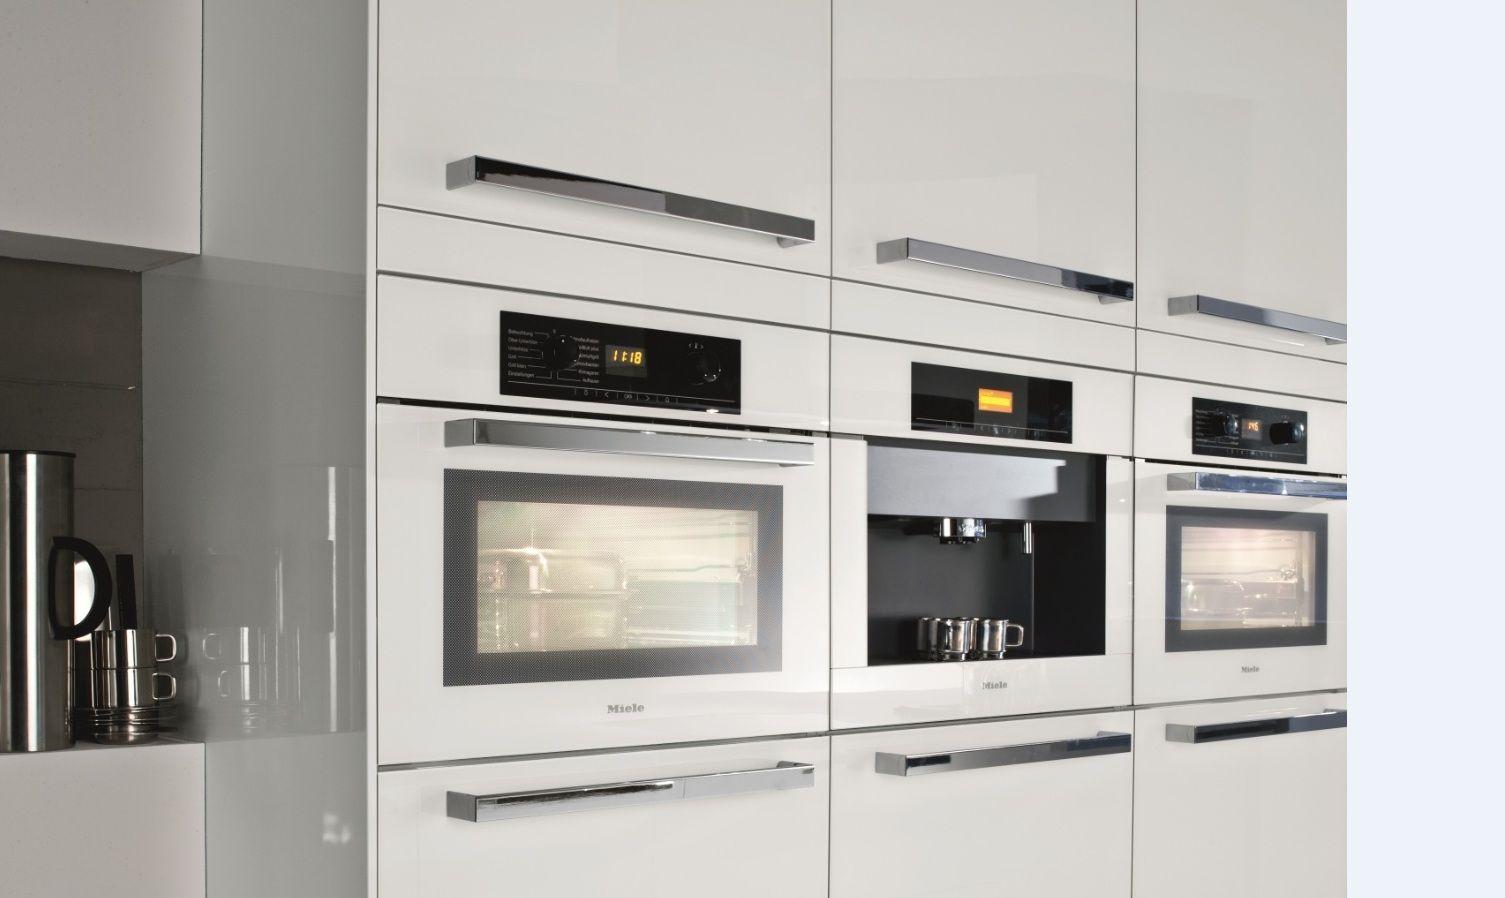 Miele Küchen Einbaugeräte: Kalrsruhe Gebrauchte